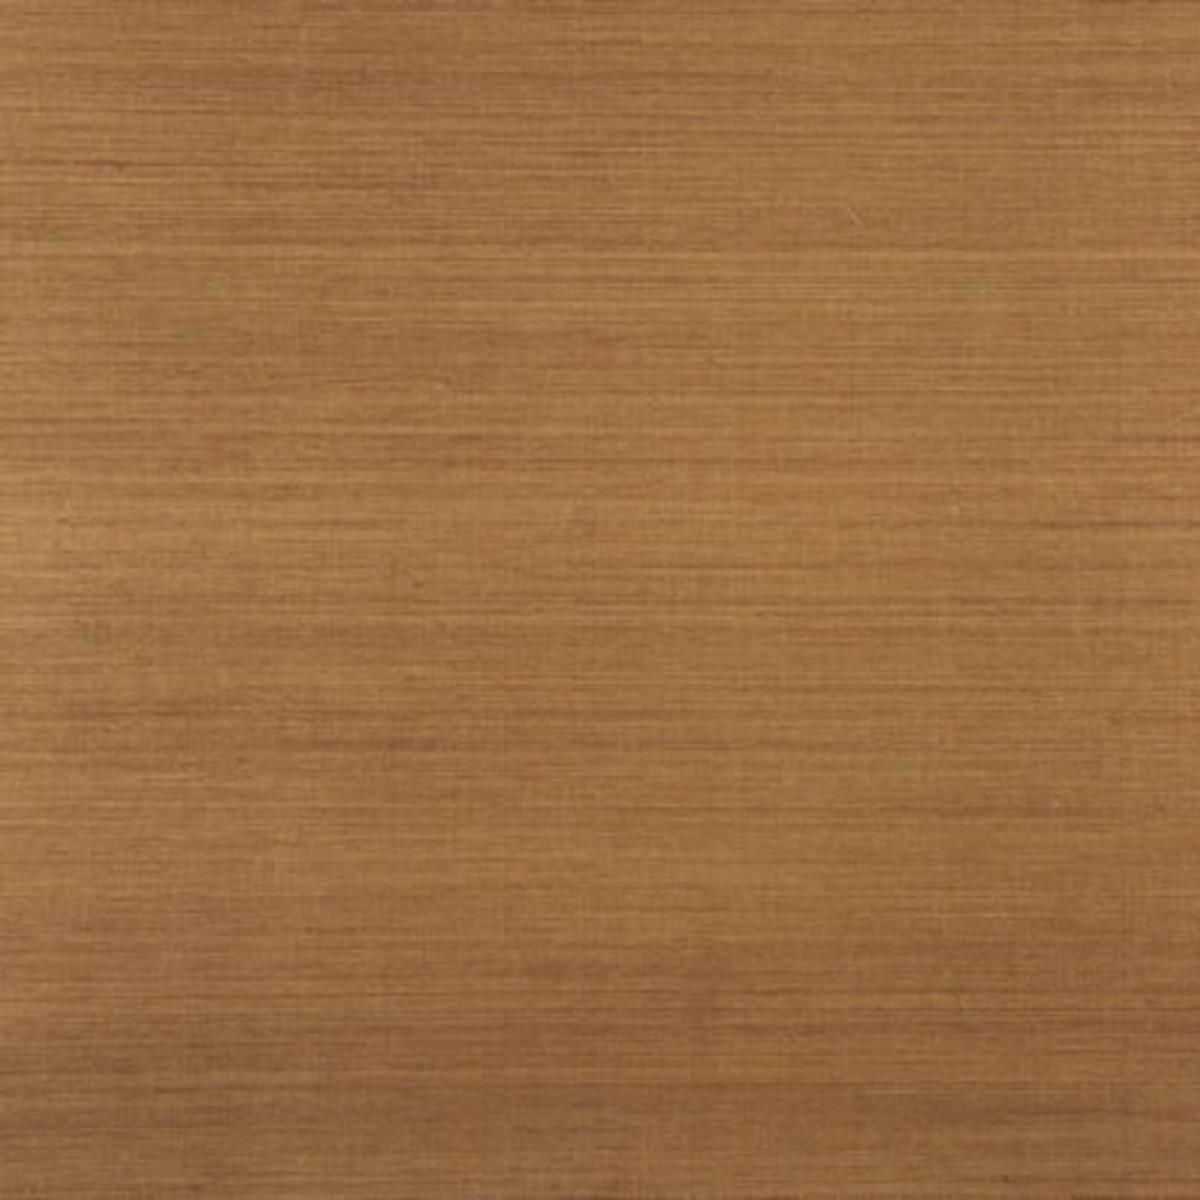 Флизелиновые обои York Wallcoverings коричневые СО2095 0.91 м